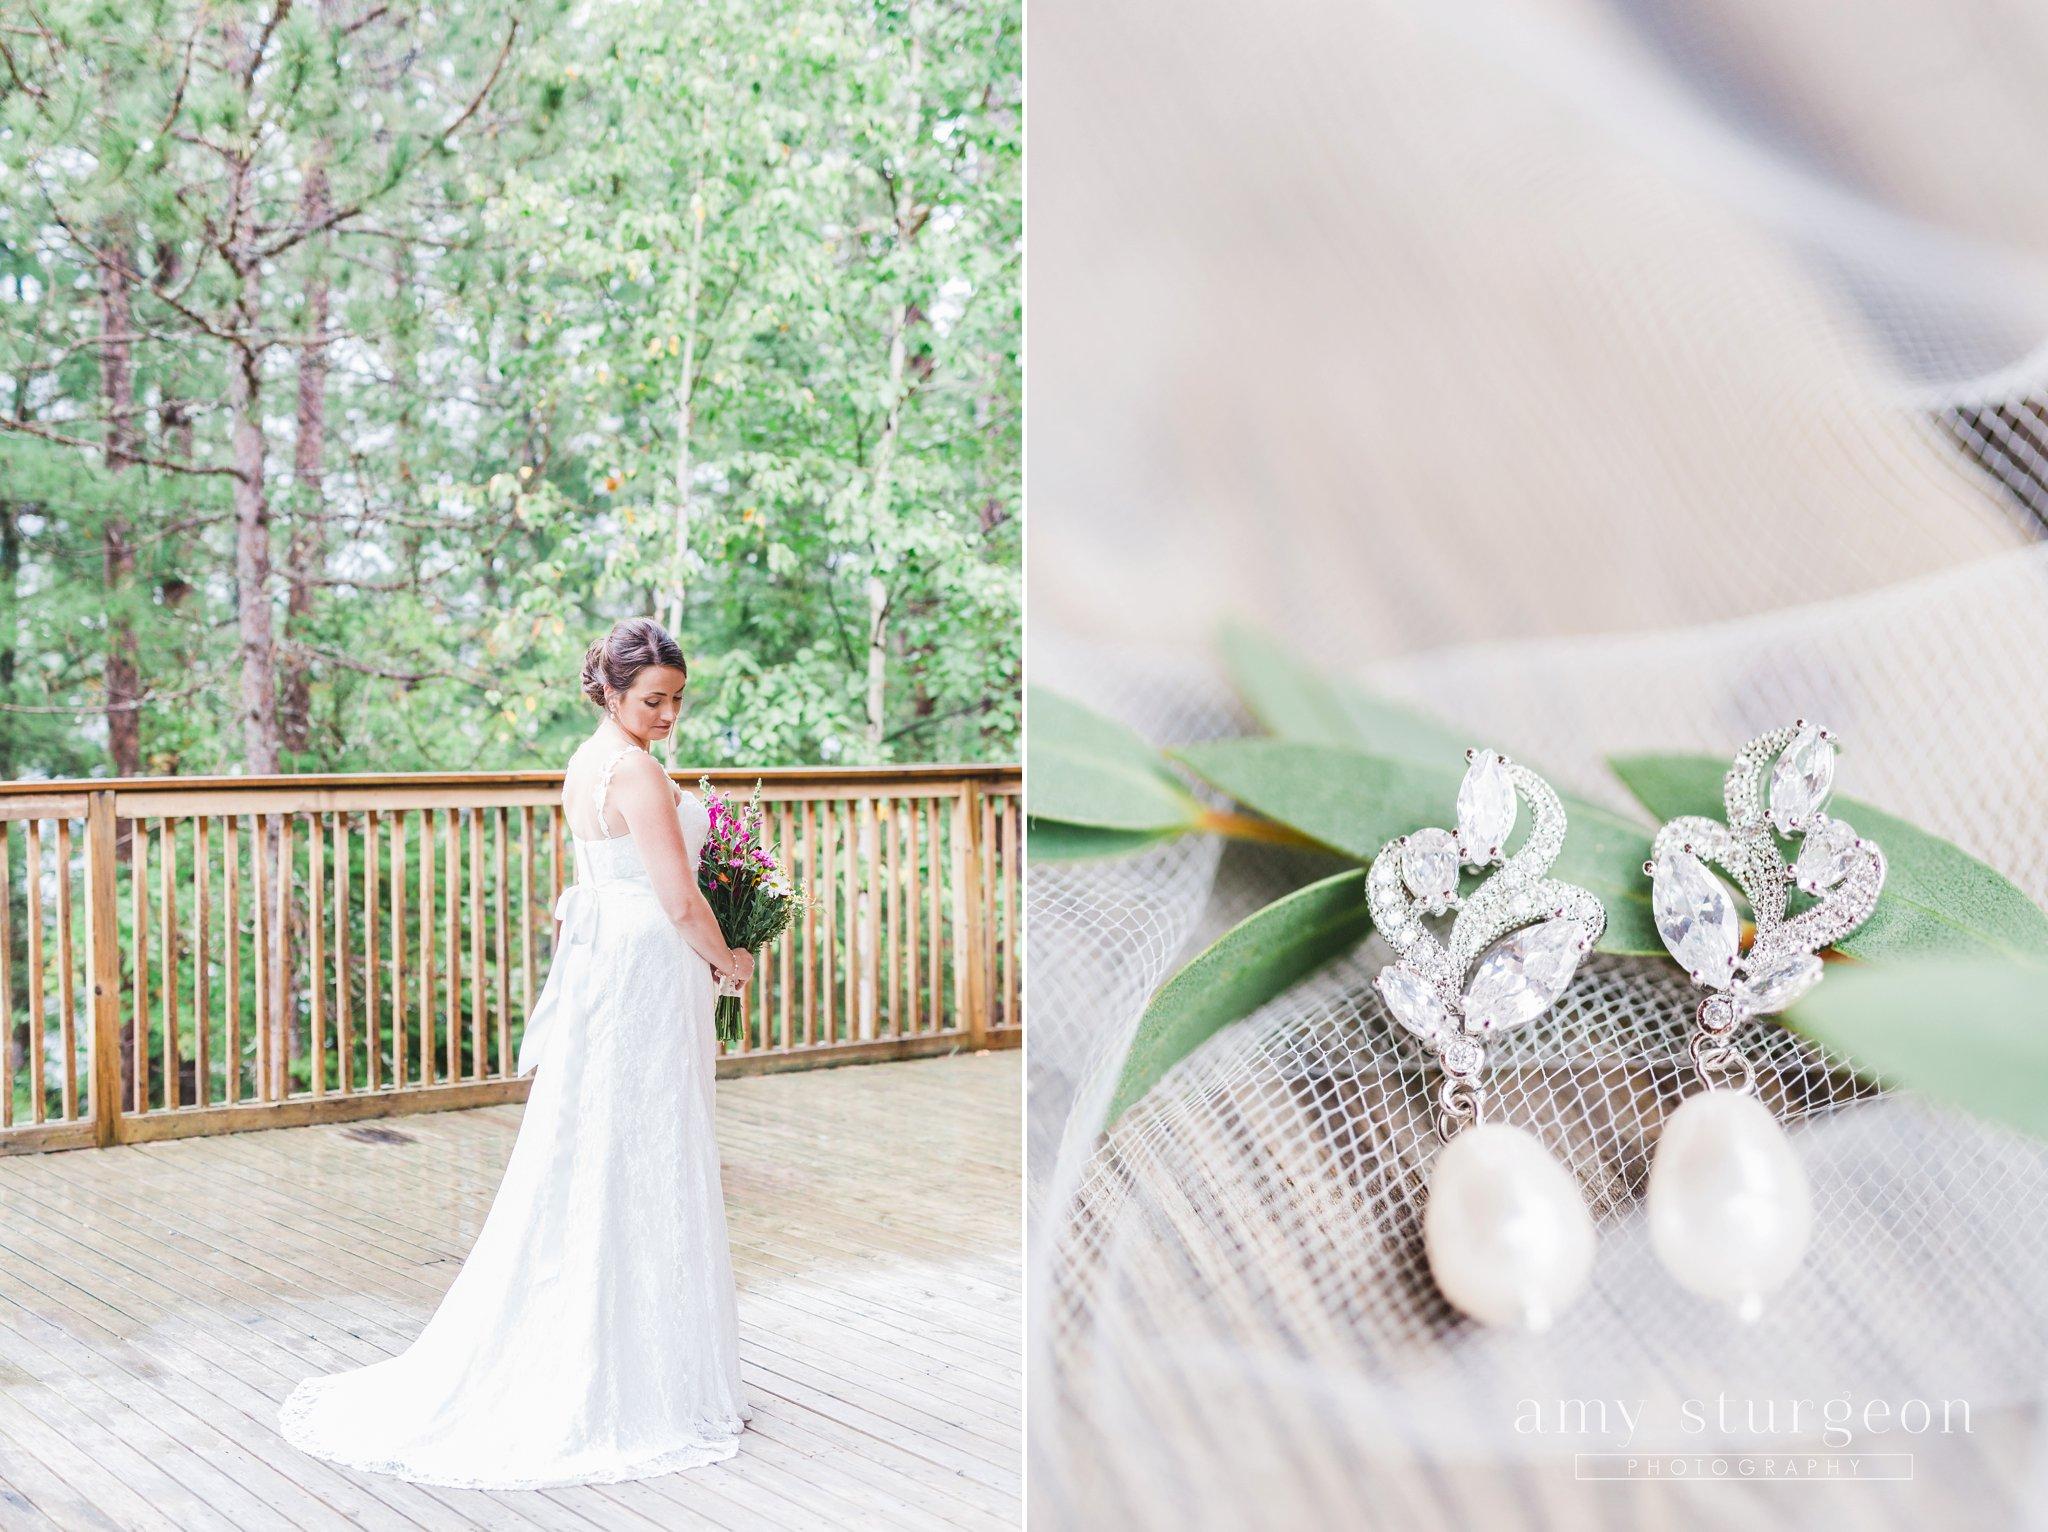 amy-sturgeon-photography_stonefields-wedding_ottawa_1289